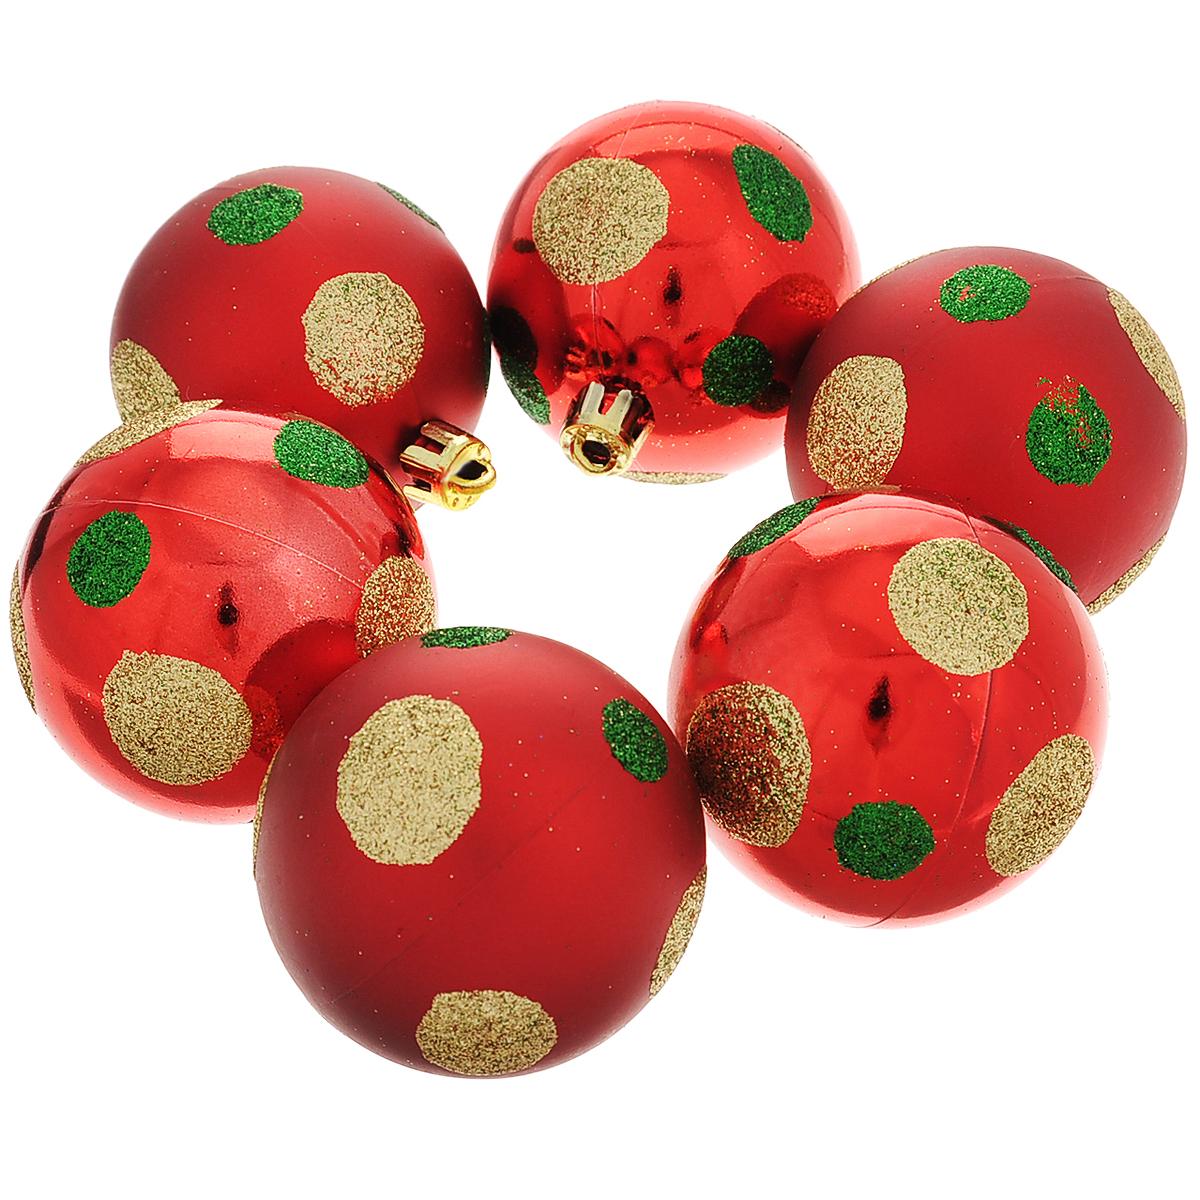 Набор новогодних подвесных украшений Шар, цвет: золотистый, красный, диаметр 6 см, 6 шт. 3550535505Набор новогодних подвесных украшений Шар прекрасно подойдет для праздничного декора новогодней ели. Состоит из шести шаров.Елочная игрушка - символ Нового года. Она несет в себе волшебство и красоту праздника. Создайте в своем доме атмосферу веселья и радости, украшая новогоднюю елку нарядными игрушками, которые будут из года в год накапливать теплоту воспоминаний. Коллекция декоративных украшений принесет в ваш дом ни с чем несравнимое ощущение волшебства! Откройте для себя удивительный мир сказок и грез. Почувствуйте волшебные минуты ожидания праздника, создайте новогоднее настроение вашим дорогим и близким.